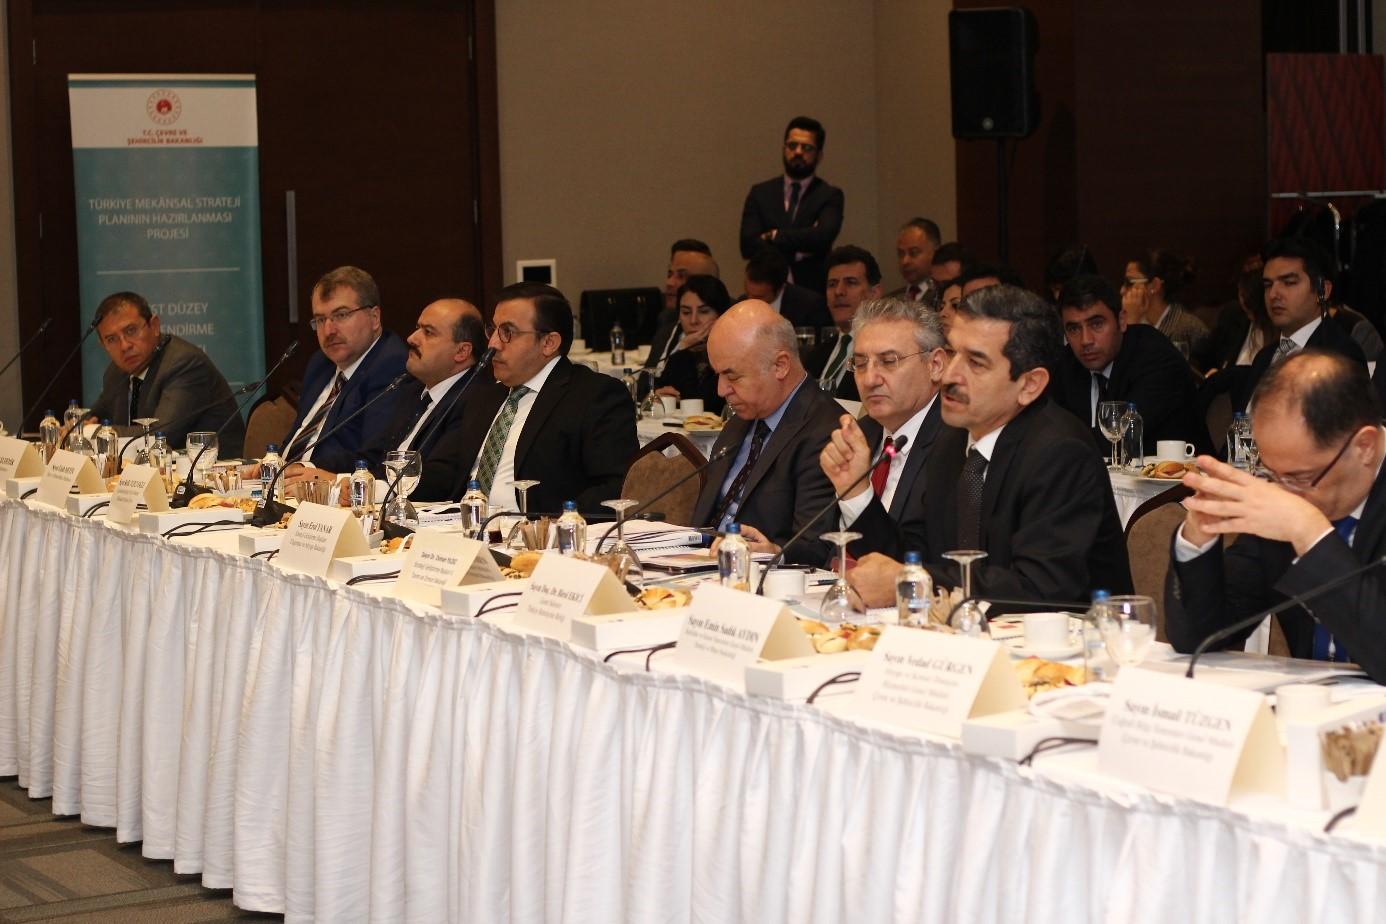 Türkiye Mekânsal Strateji Planı 2. Üst Düzey Yönlendirme Toplantısında, Planın Vizyon, Öncelikler ve Mekânsal Gelişme Senaryosu görüşüldü.